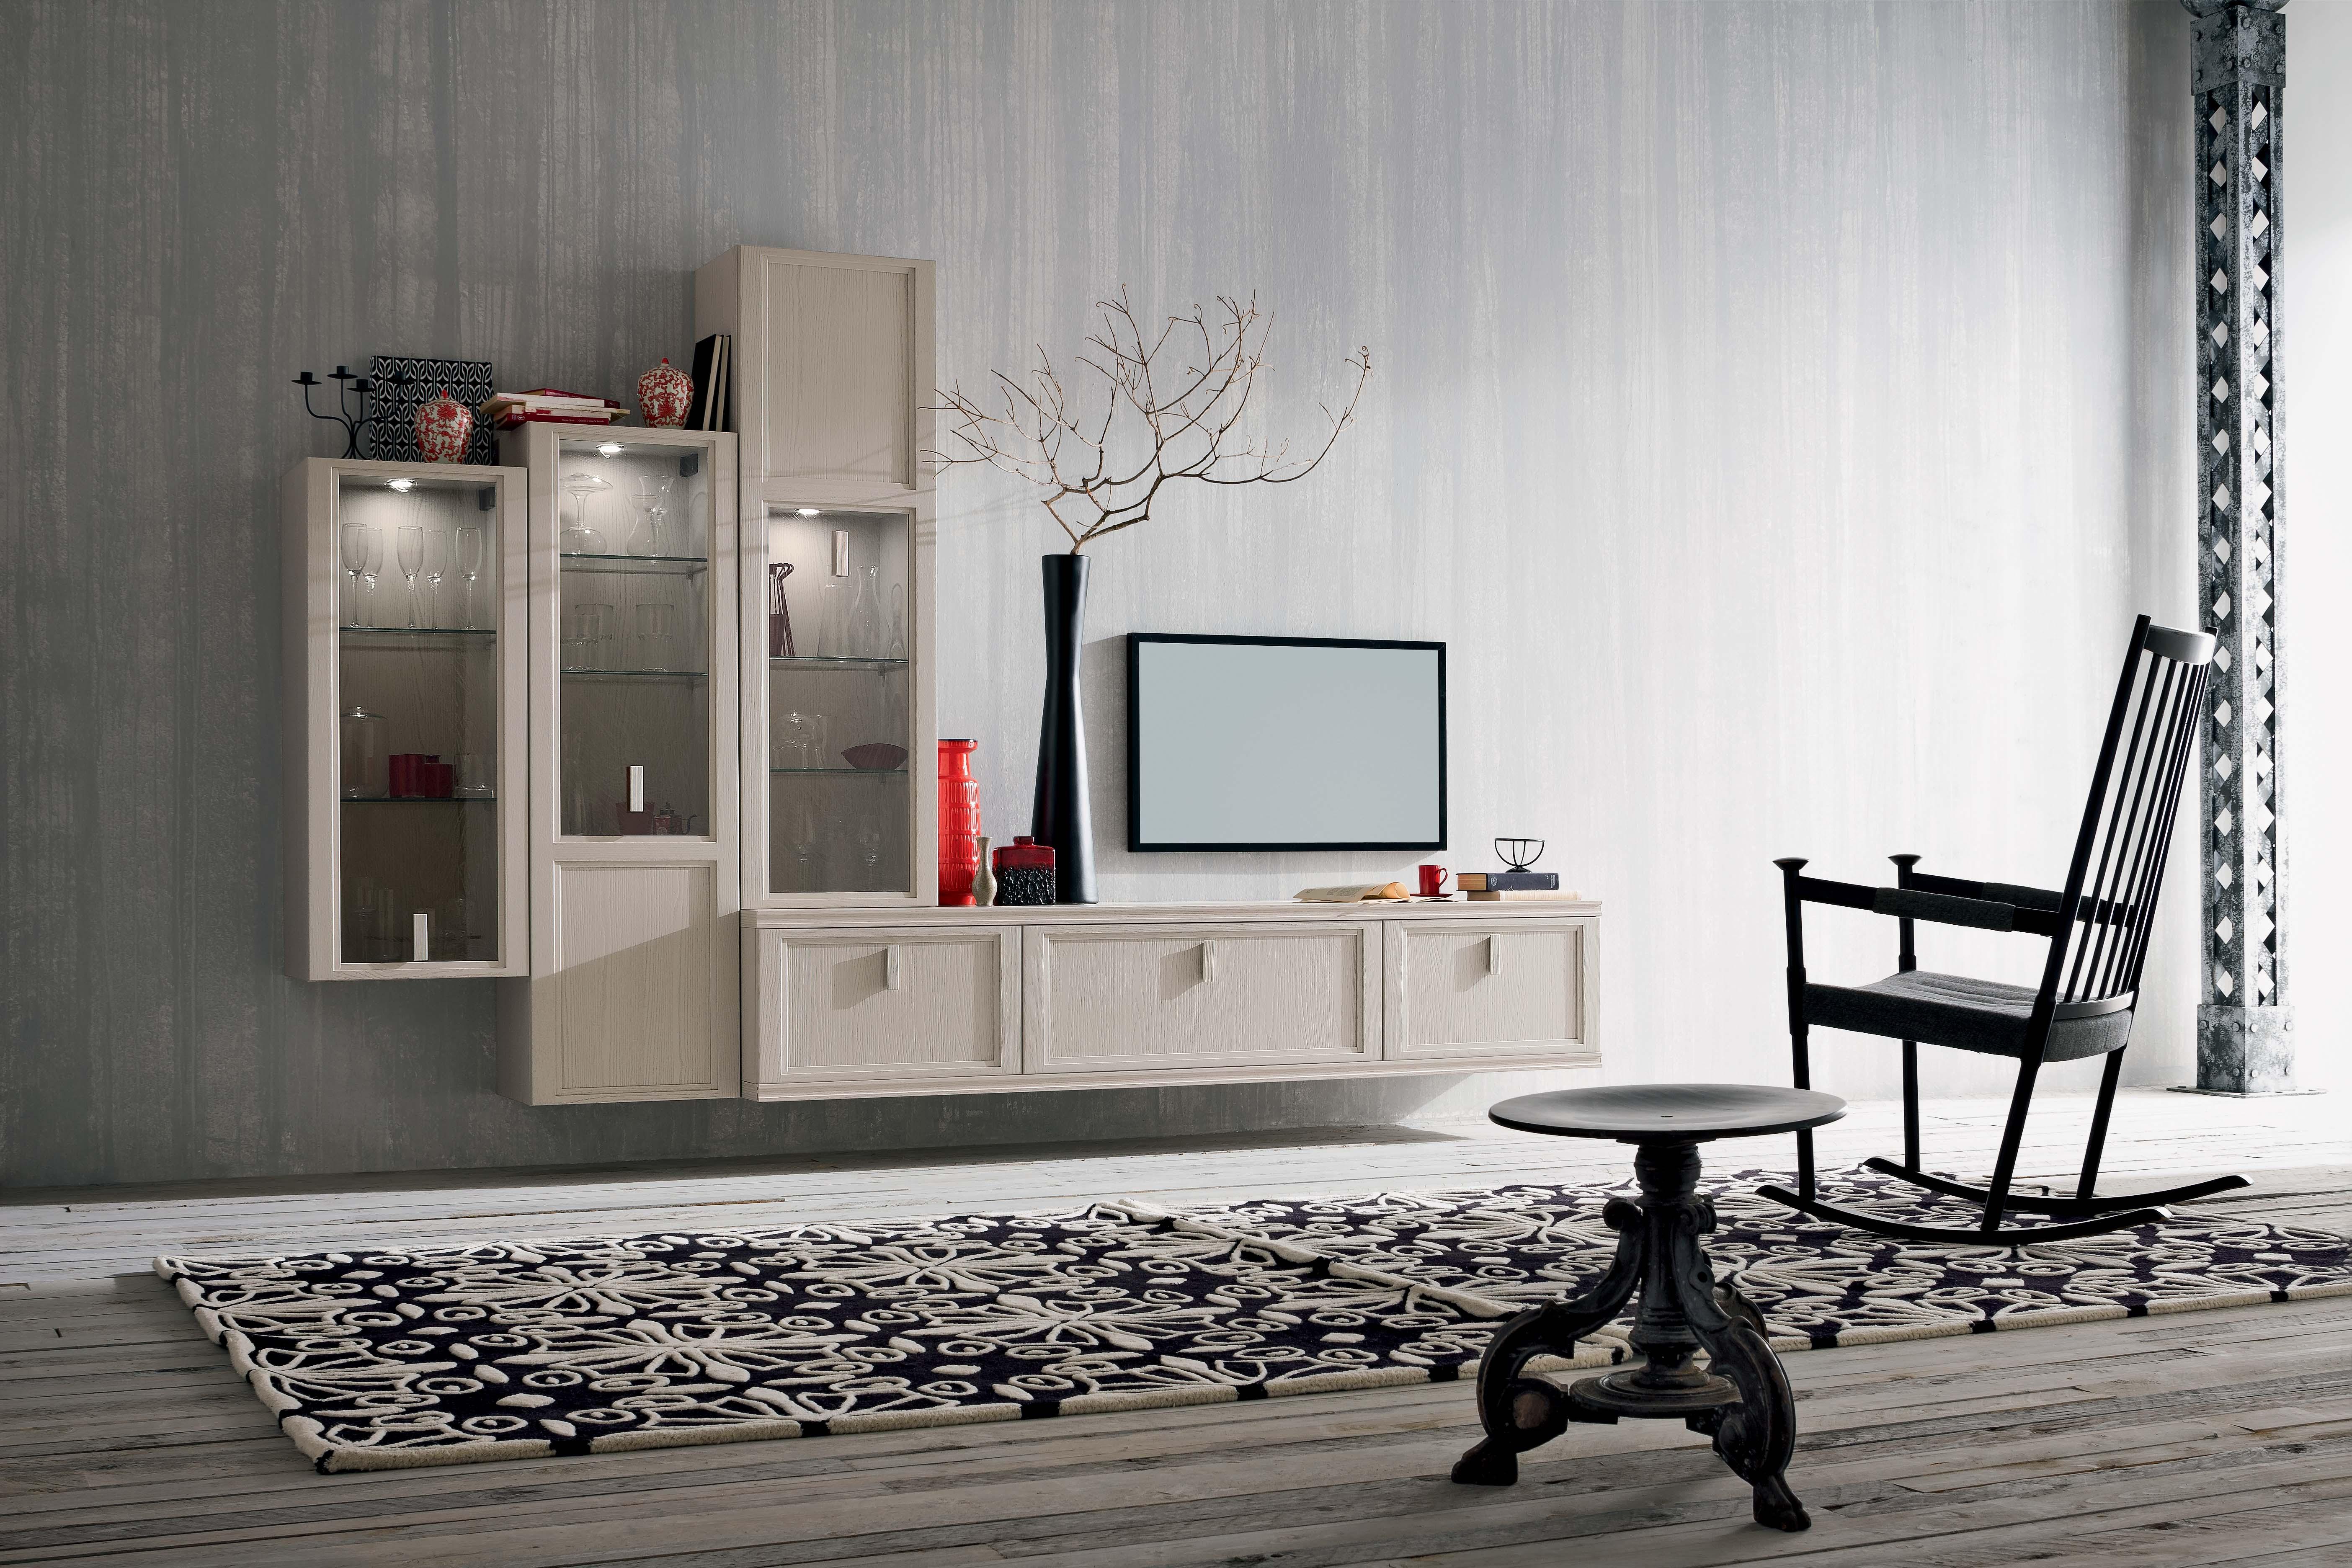 ... Soggiorno Con Applique : Illuminazione a parete per soggiorno applique